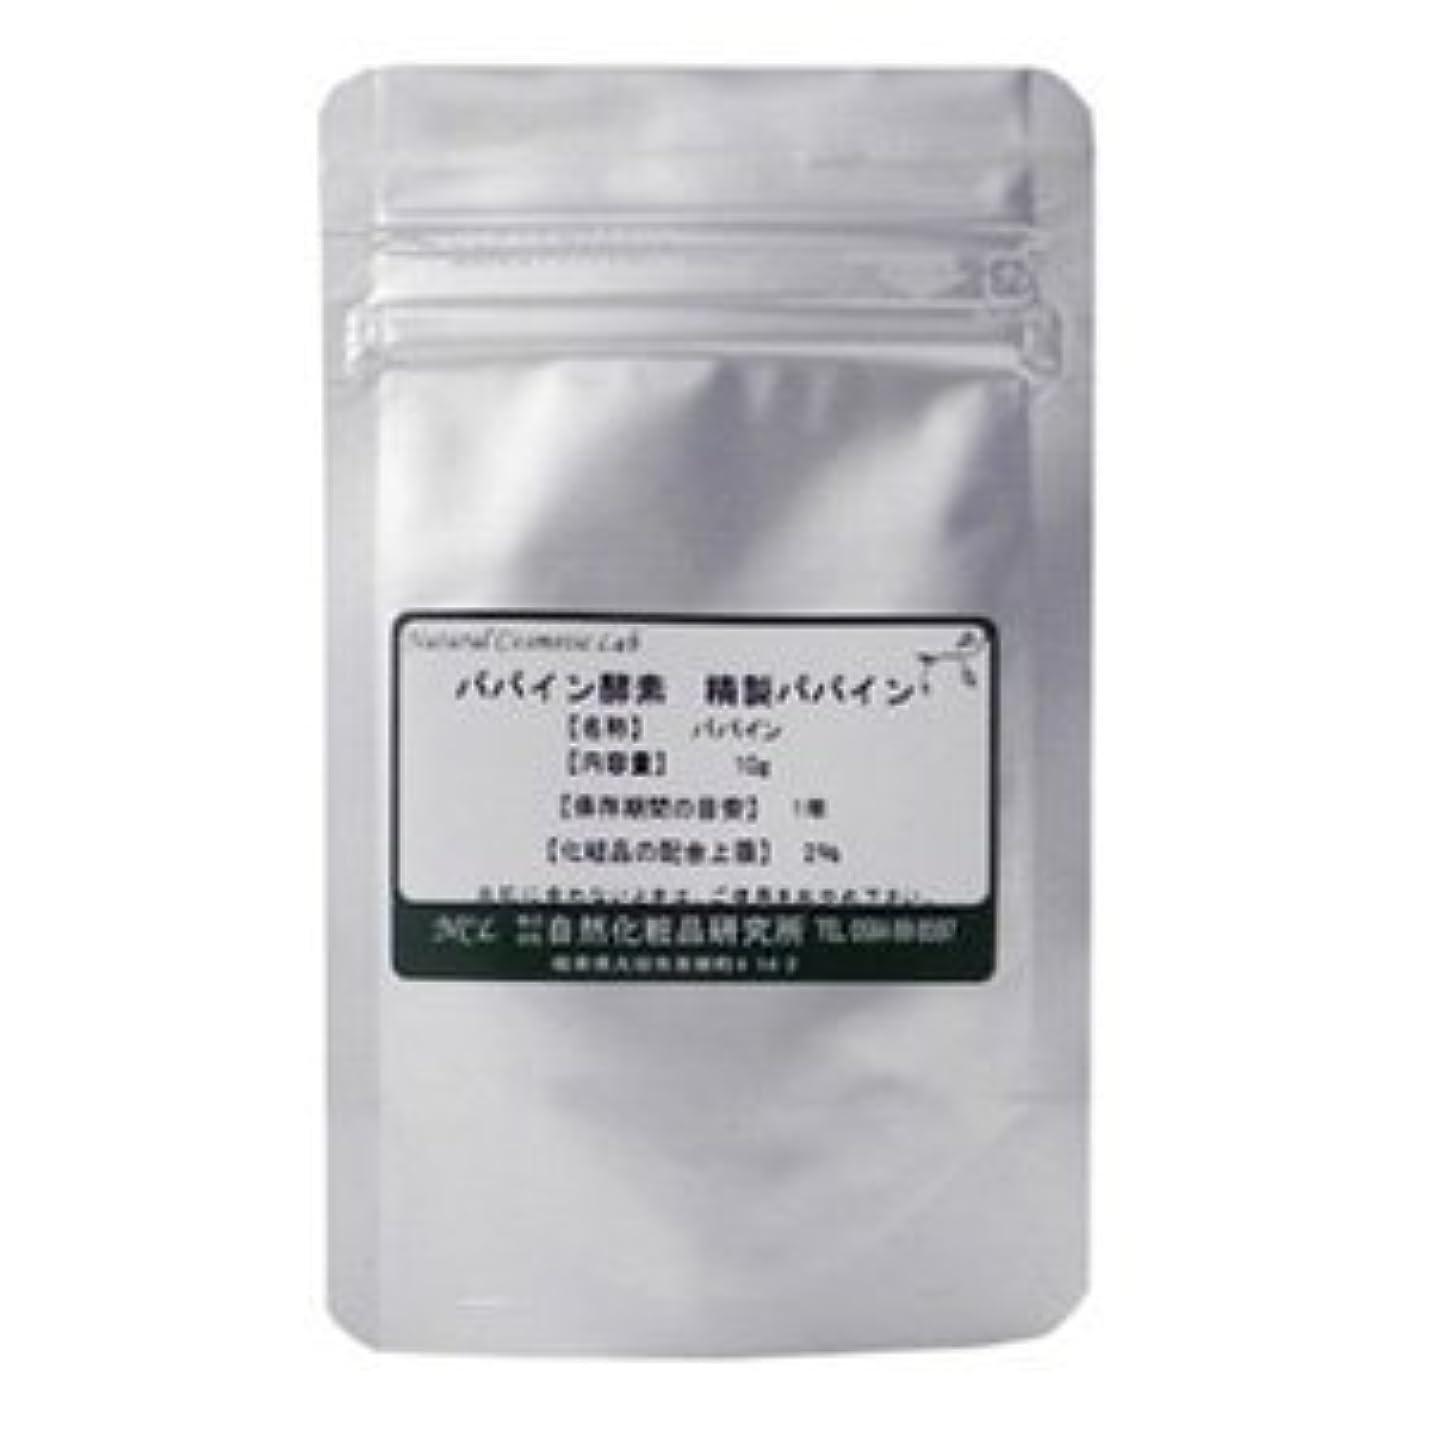 エピソード農学積極的にパパイン酵素 精製パパイン 洗顔料 化粧品原料 10g